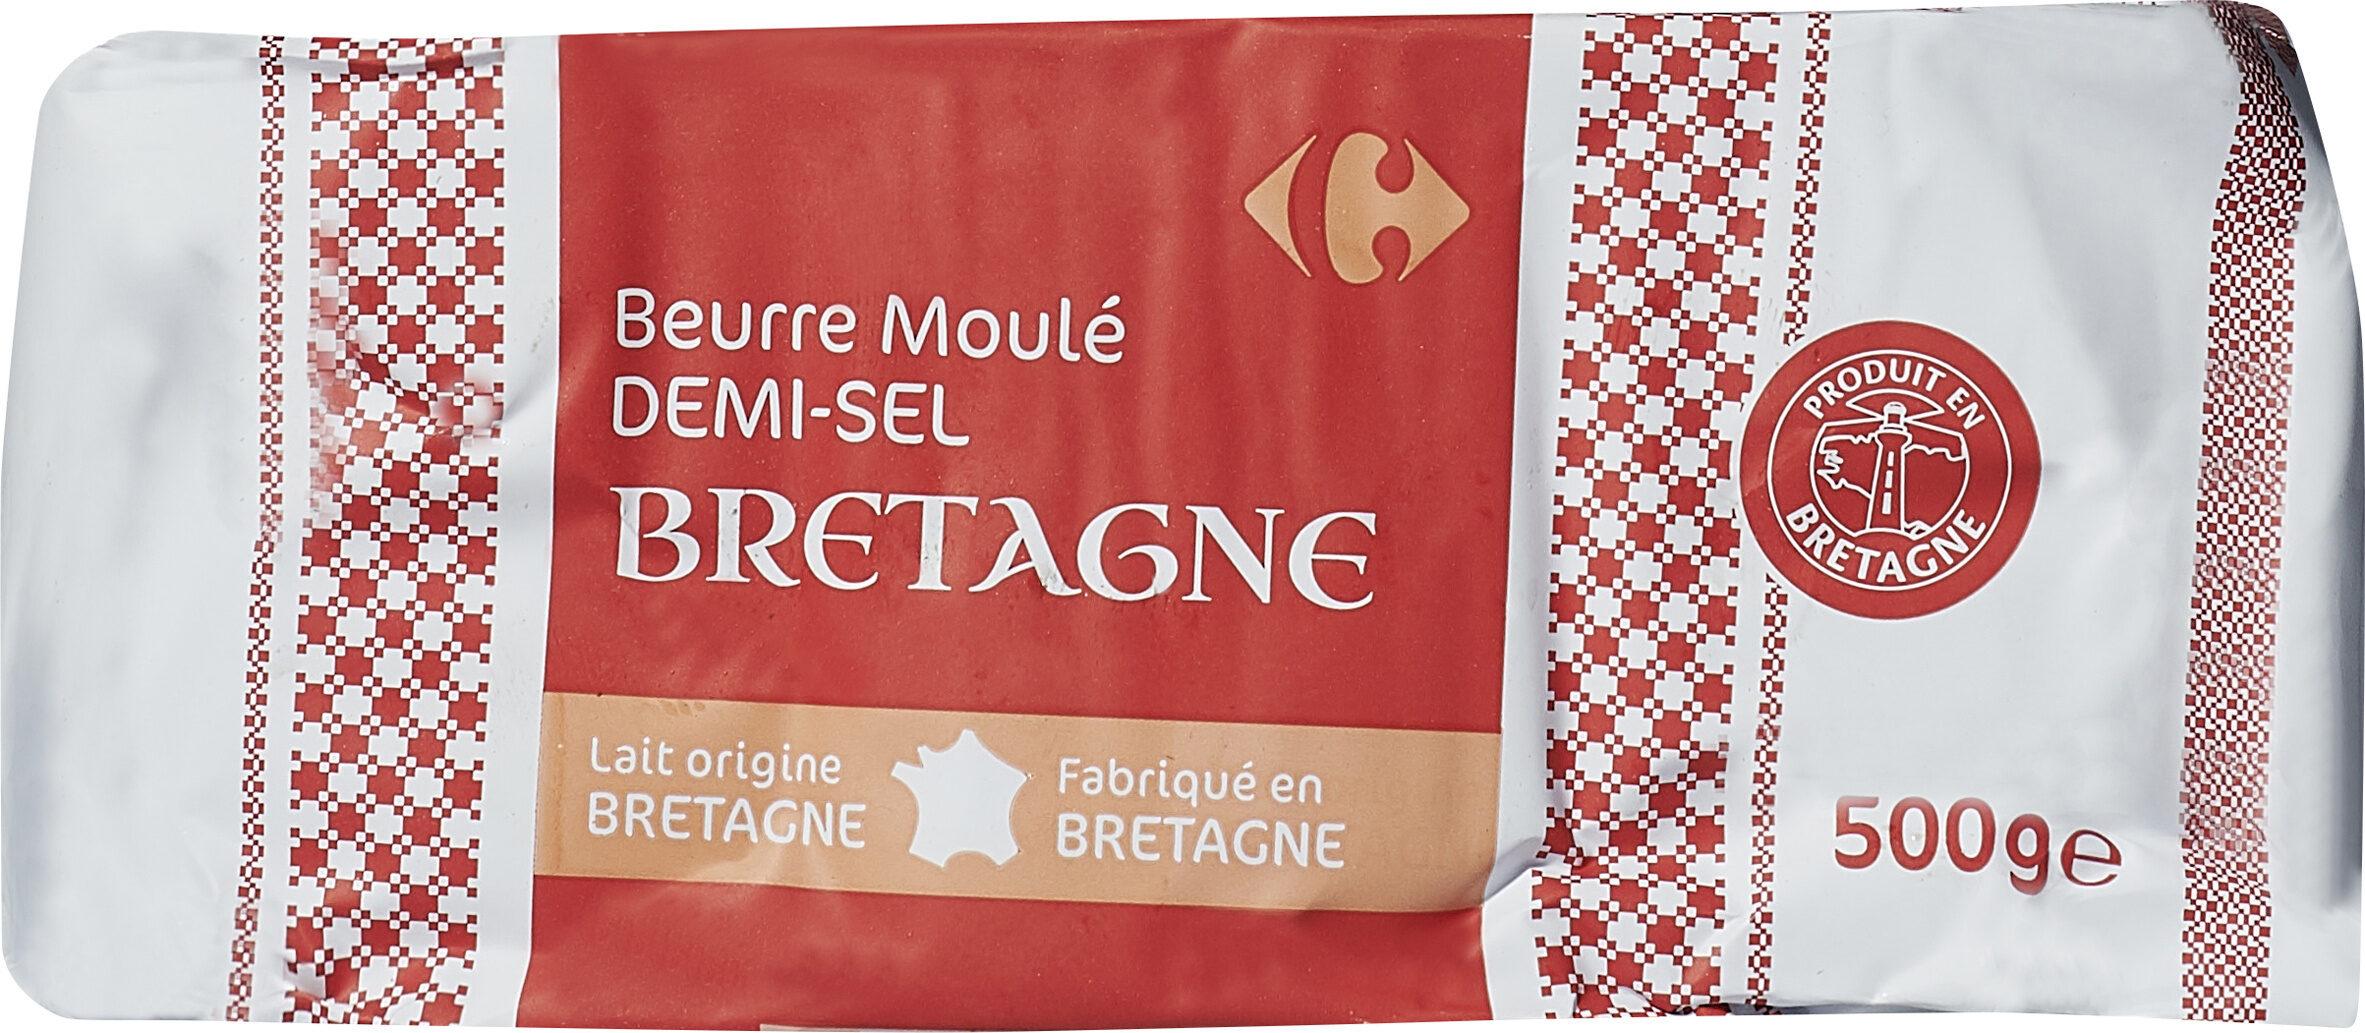 Beurre Moulé DEMI-SEL BRETAGNE - Product - fr